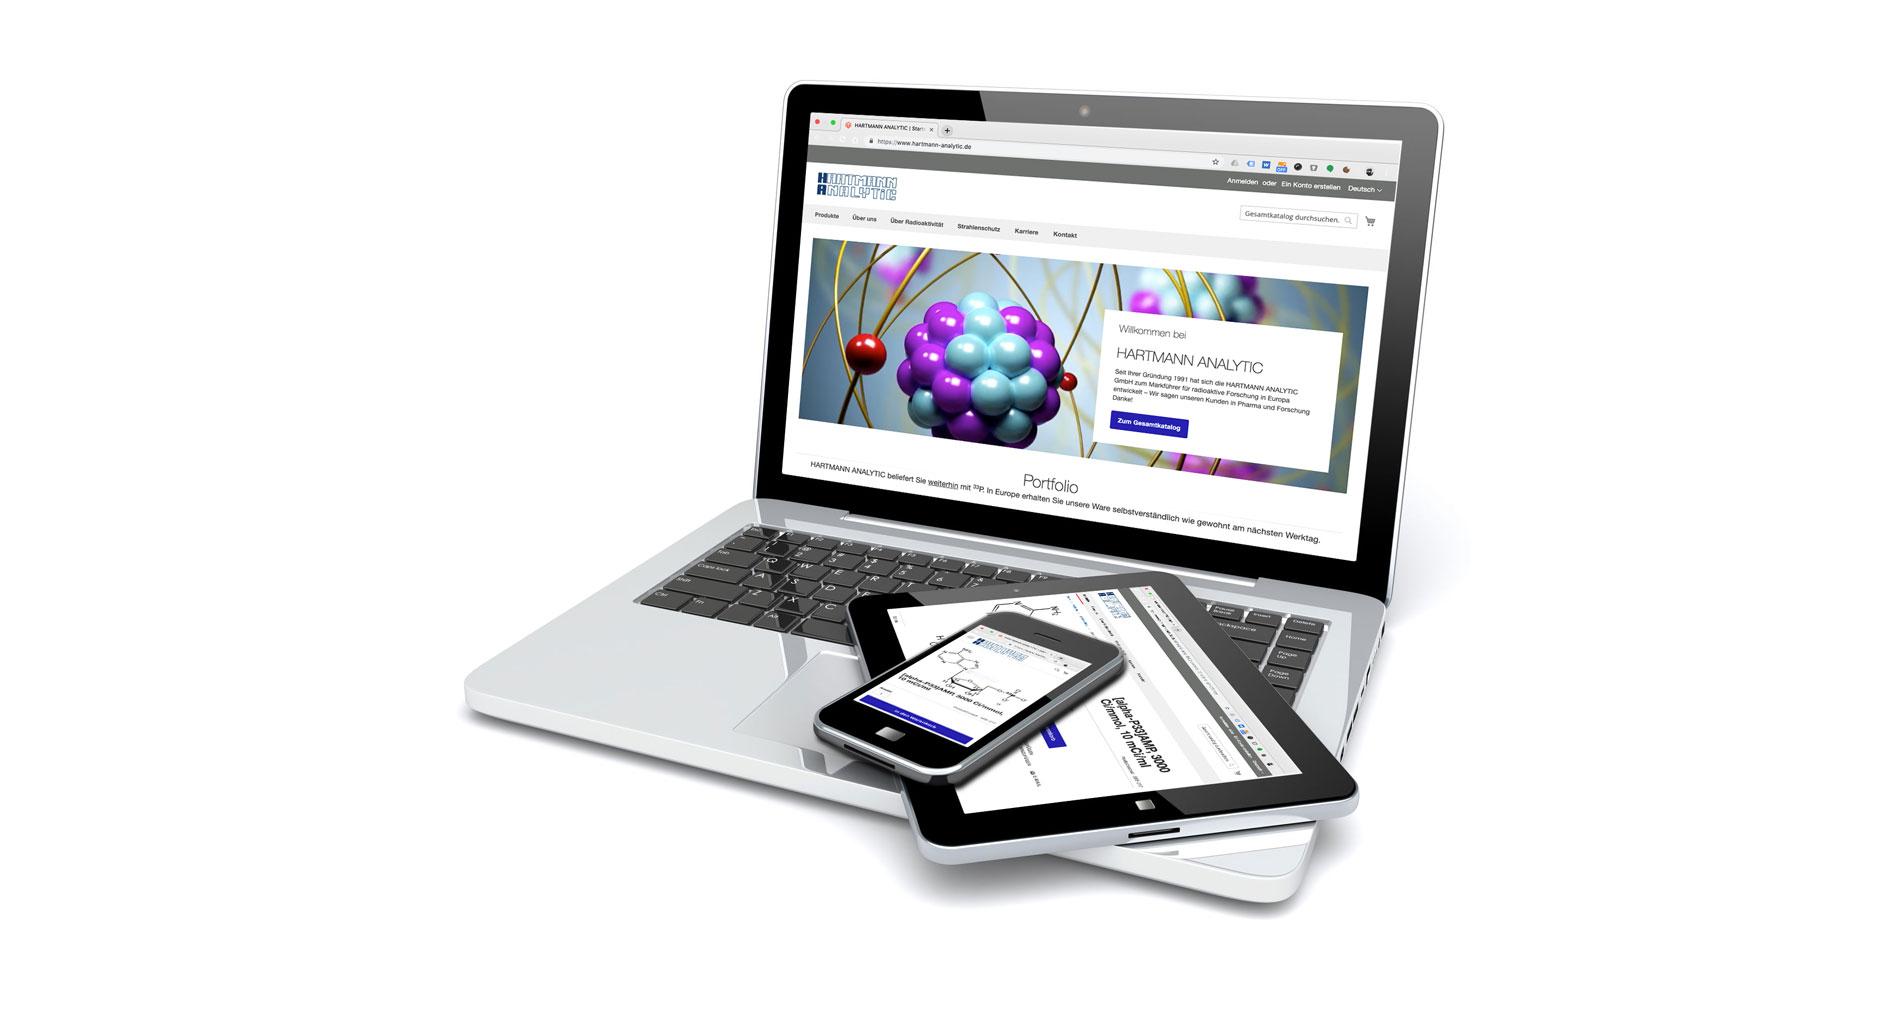 Bild eines Laptops mit der Homepage von Hartmann-Analytics auf dem Bildschirm.